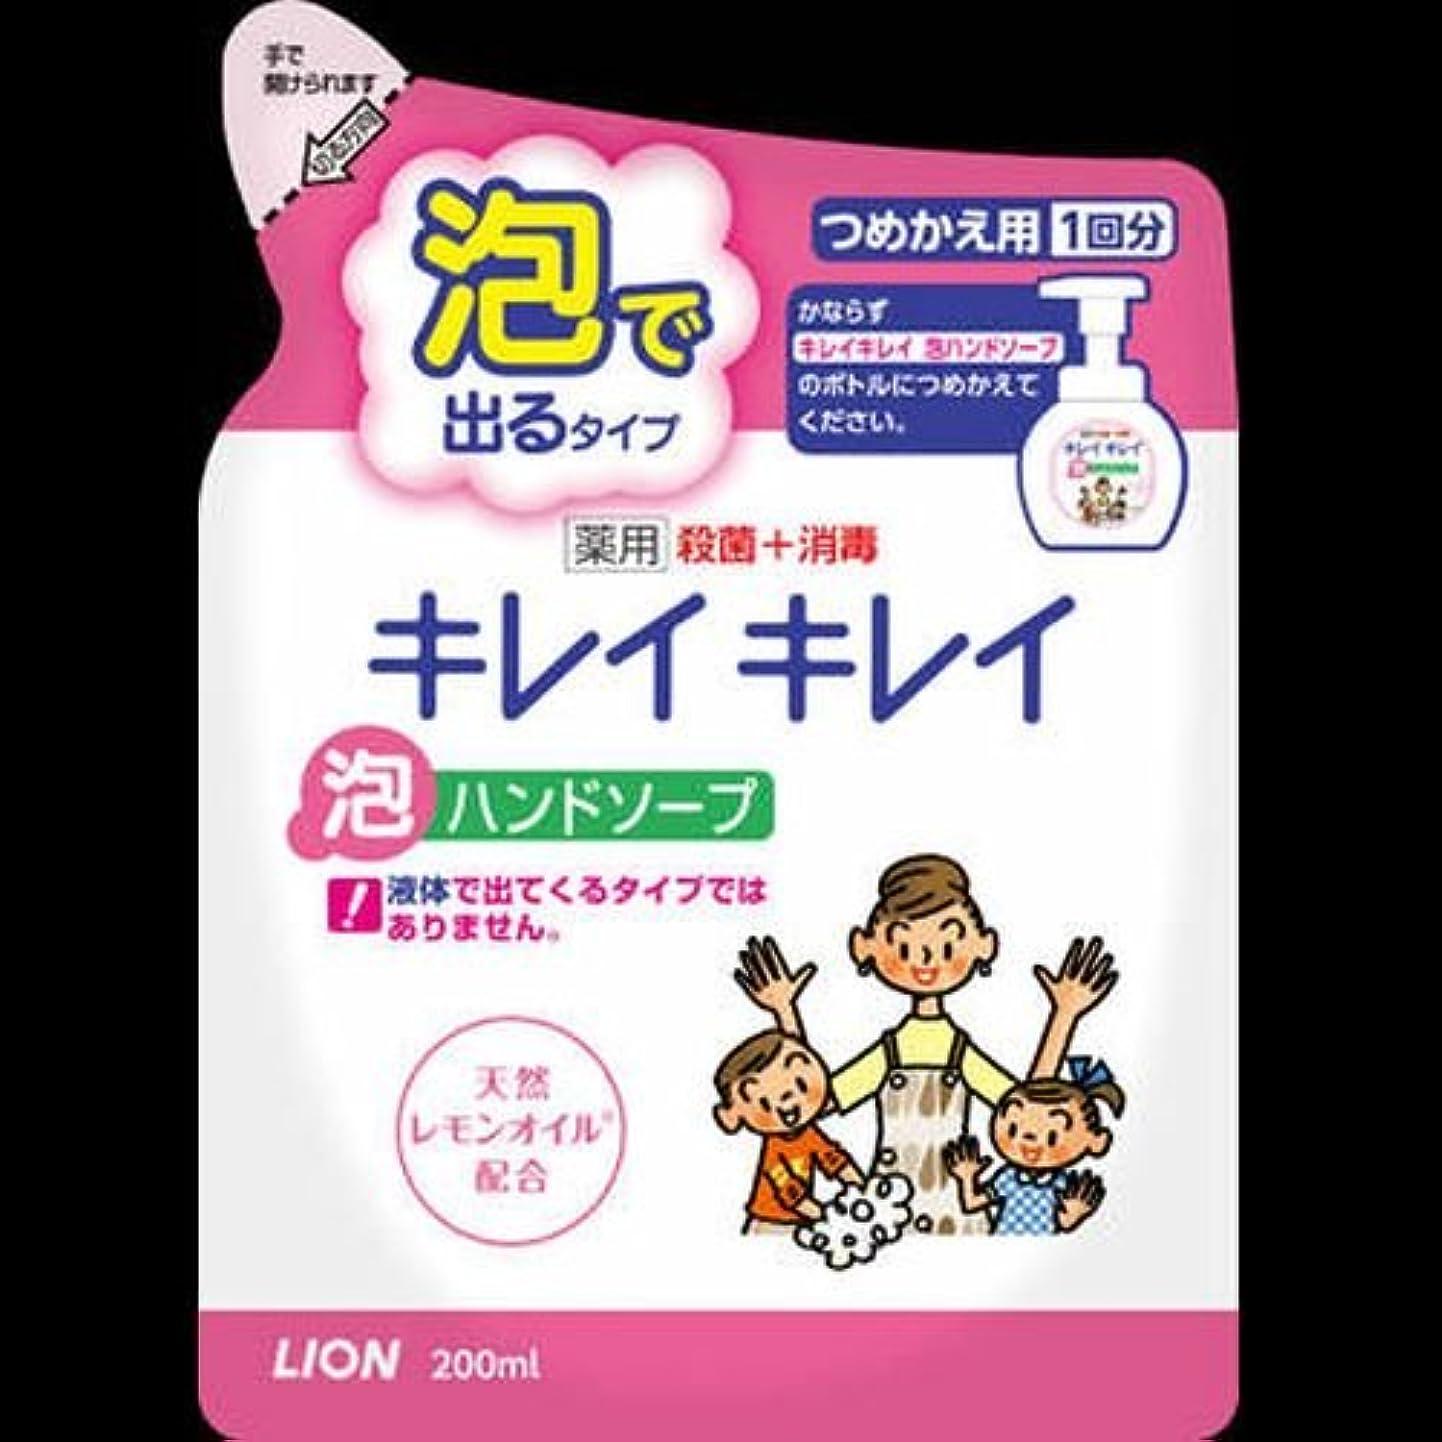 試験憂鬱な払い戻しライオン キレイキレイ 薬用泡ハンドソープ 詰替 200ml ×2セット